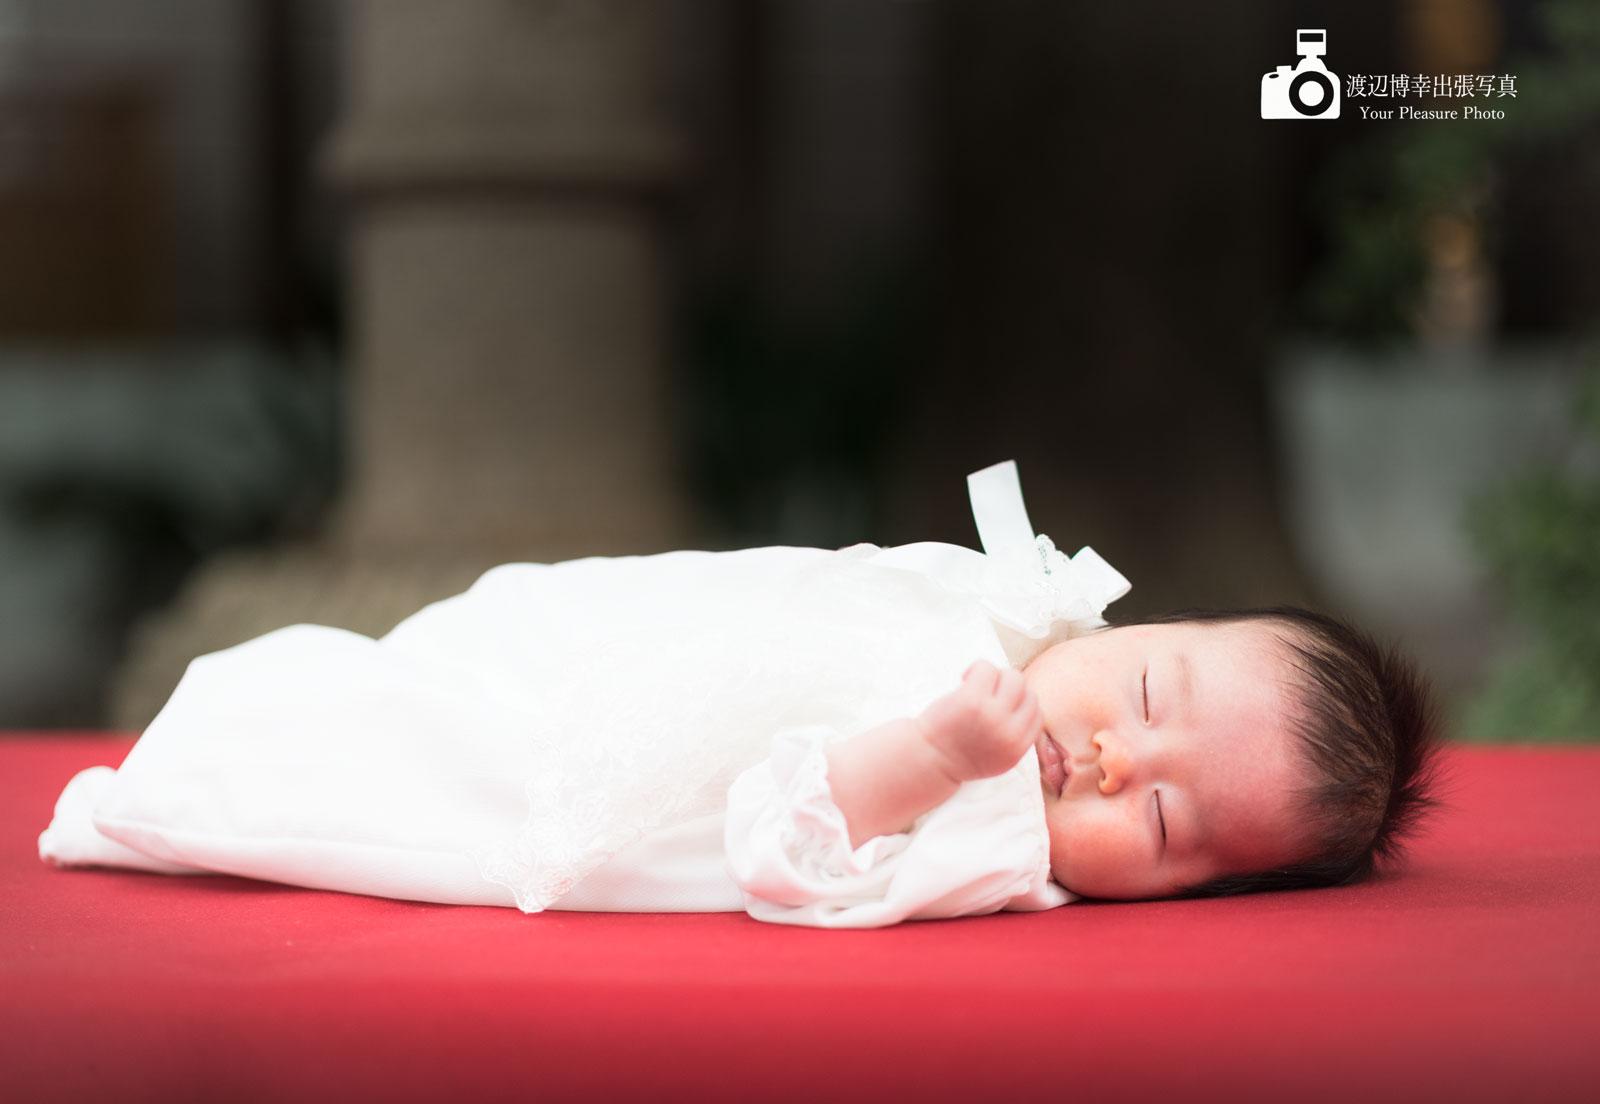 赤い縁台の上で寝ている赤ちゃん